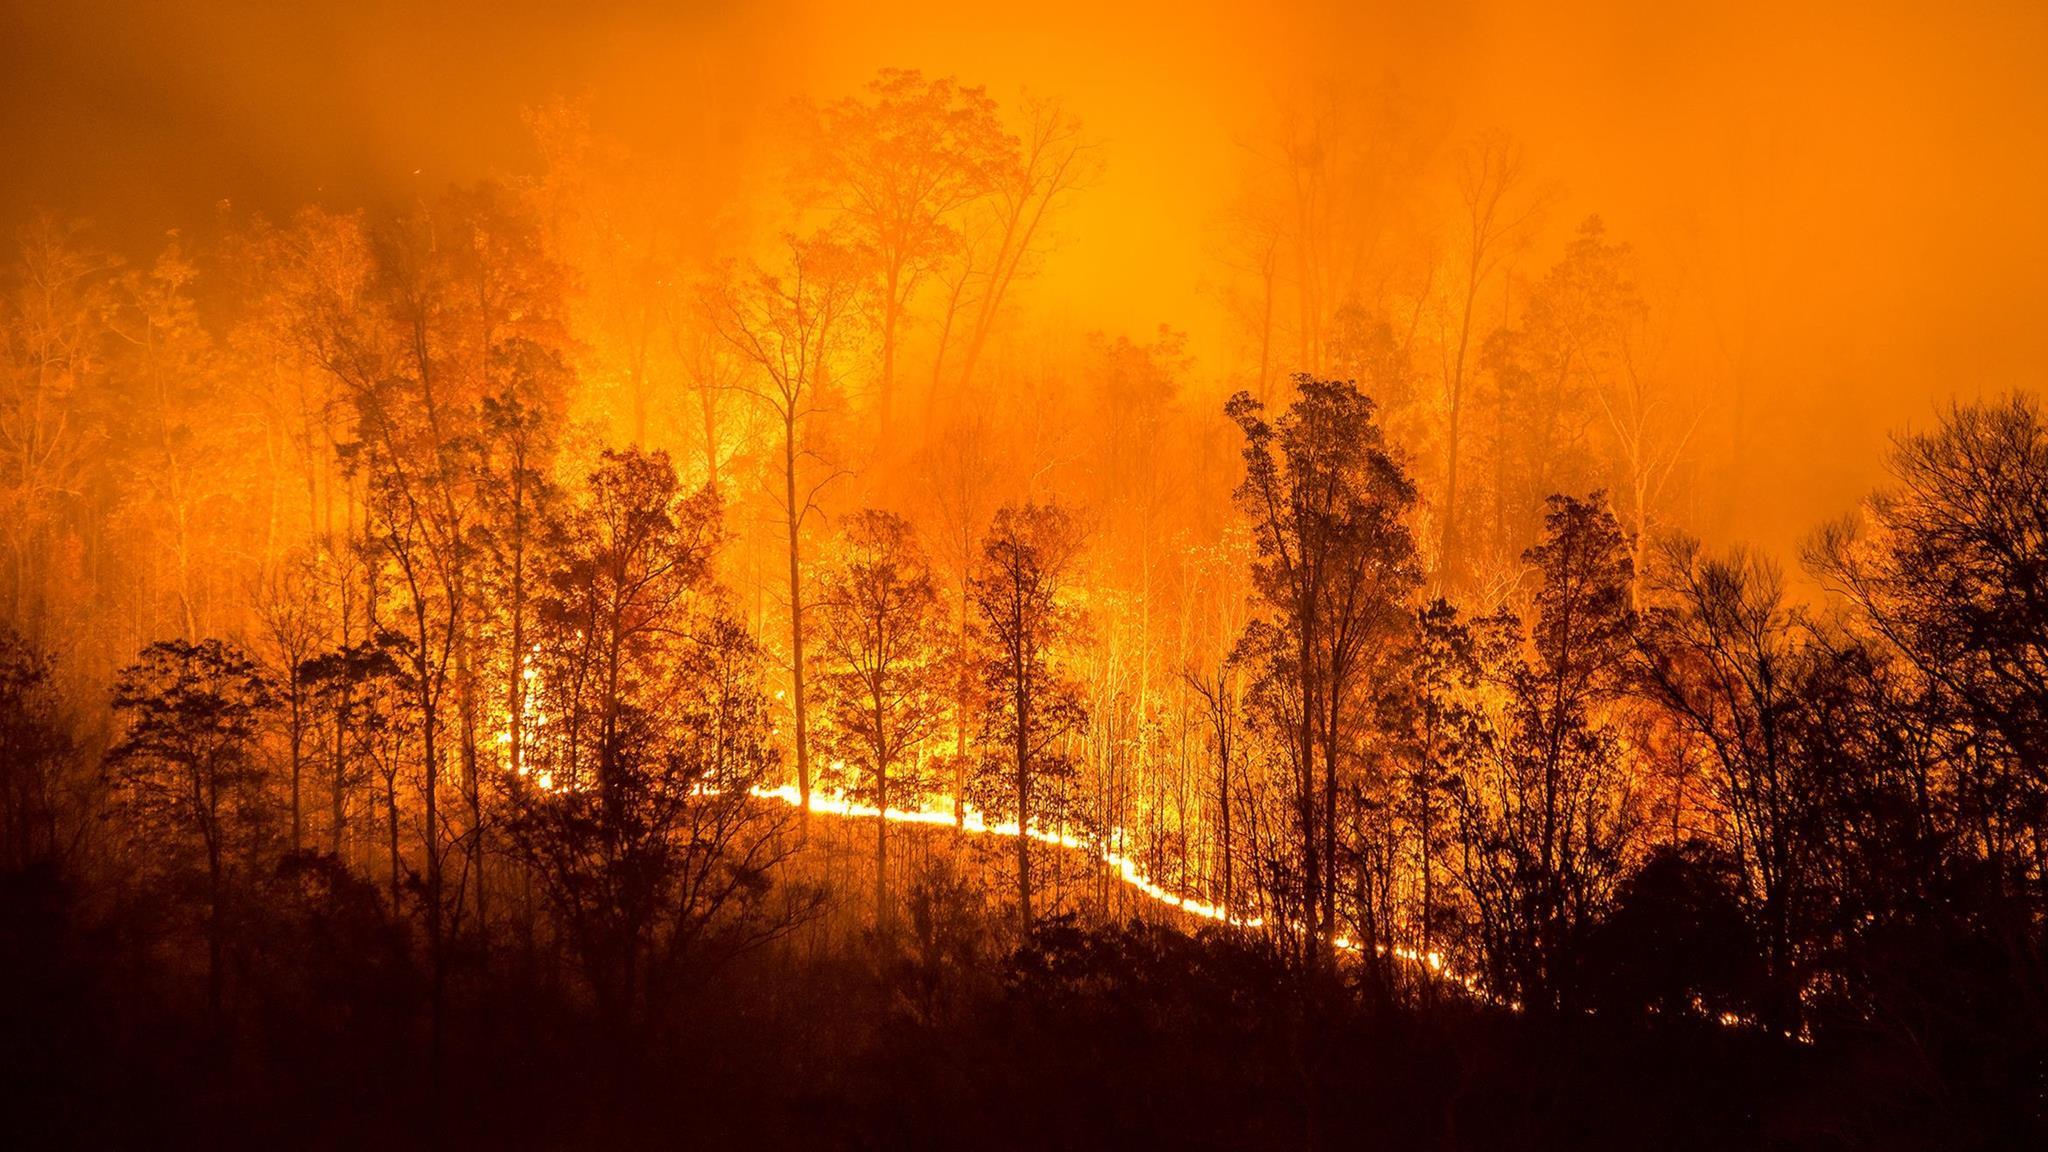 Когда, какие и зачем нужны лесные пожары? Опыт коренных американцев